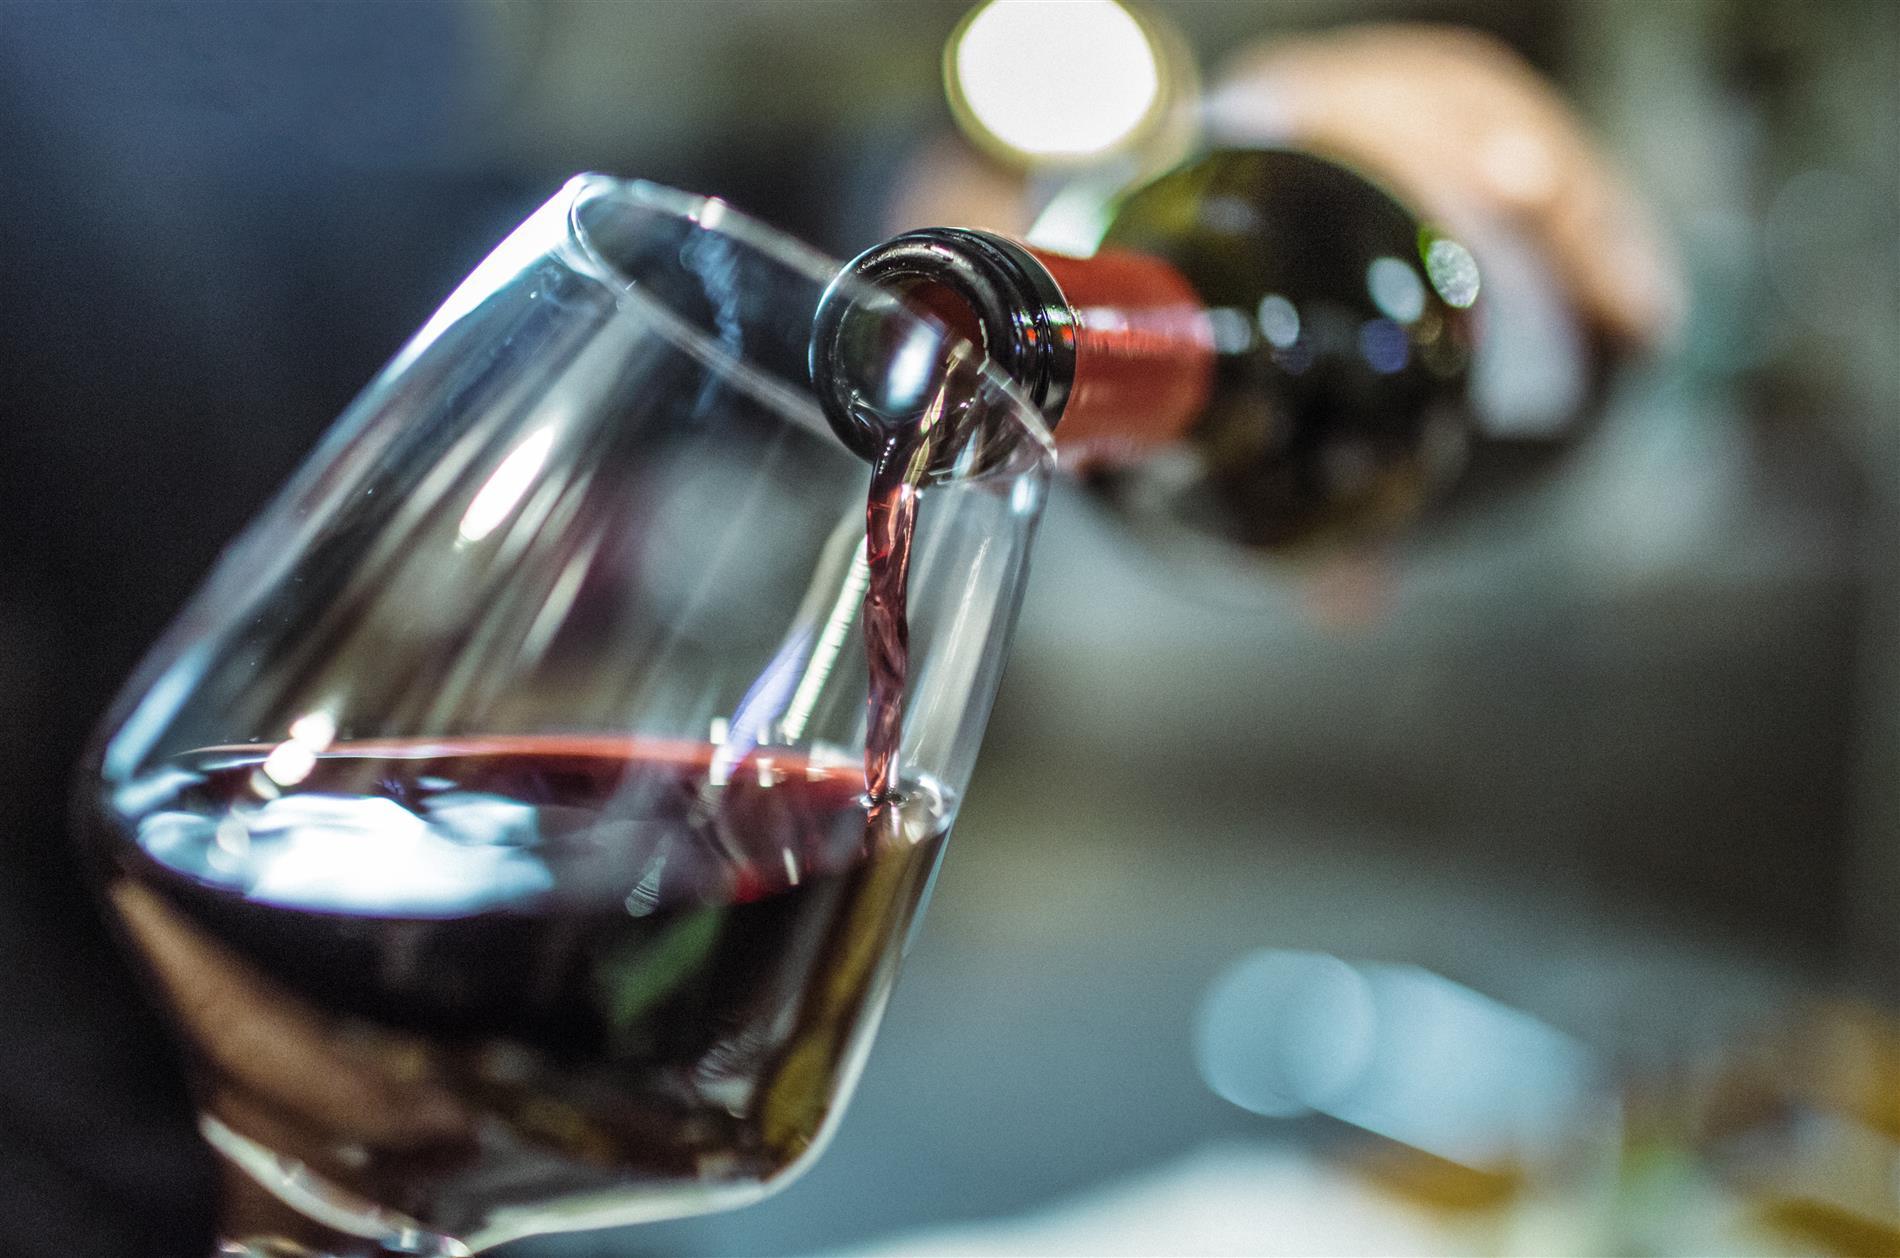 täglich ein Glas Rotwein?